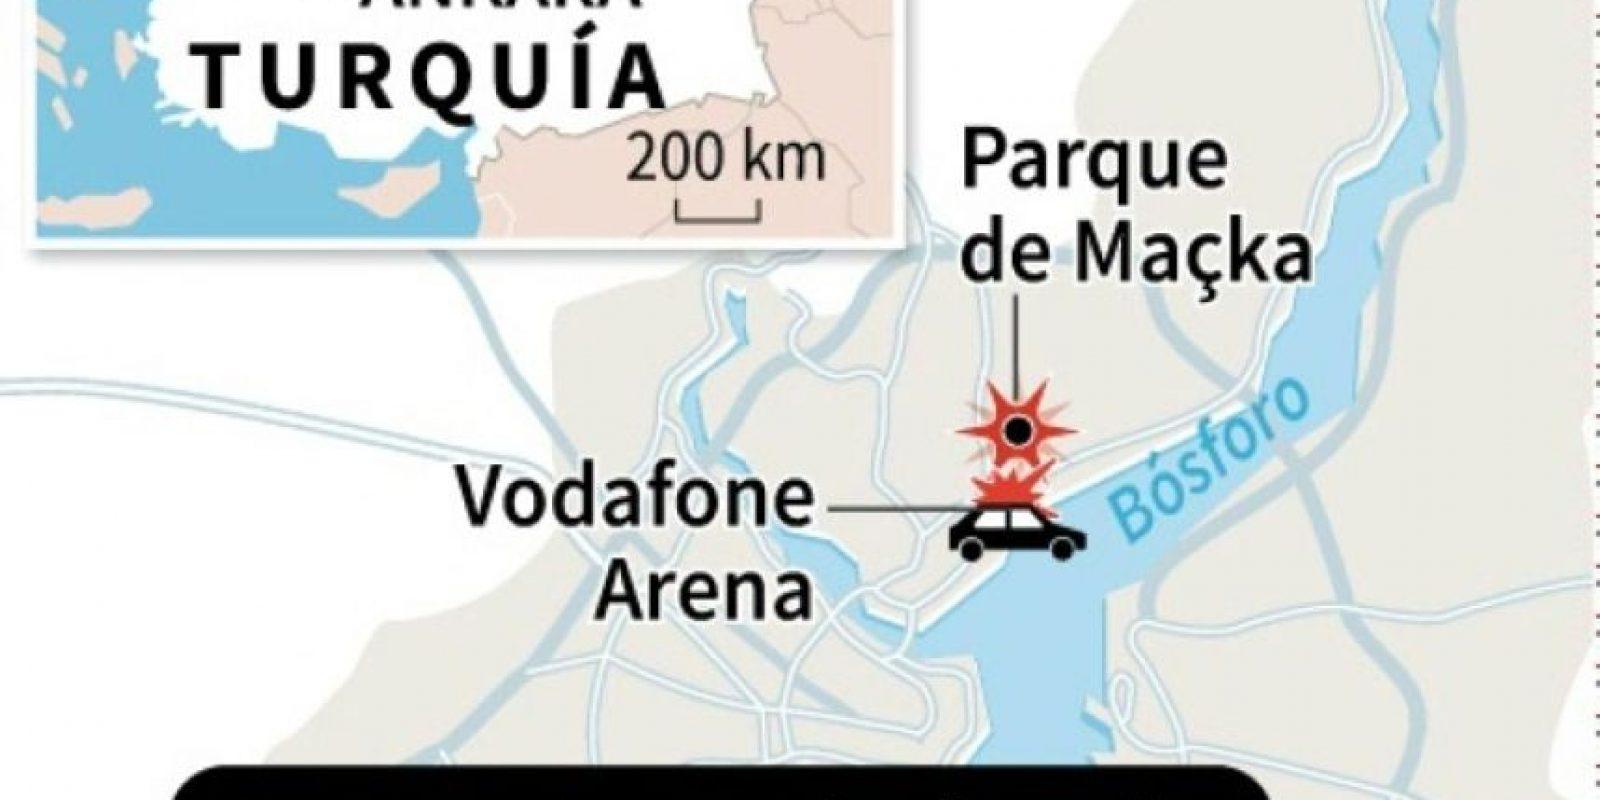 Mapa de Estambul localizando el doble atentado que este sábado causó 38 muertes cerca del estadio del Besiktas Foto:Jean Michel CORNU, Vincent LEFAI, Jonathan JACOBSEN/afp.com